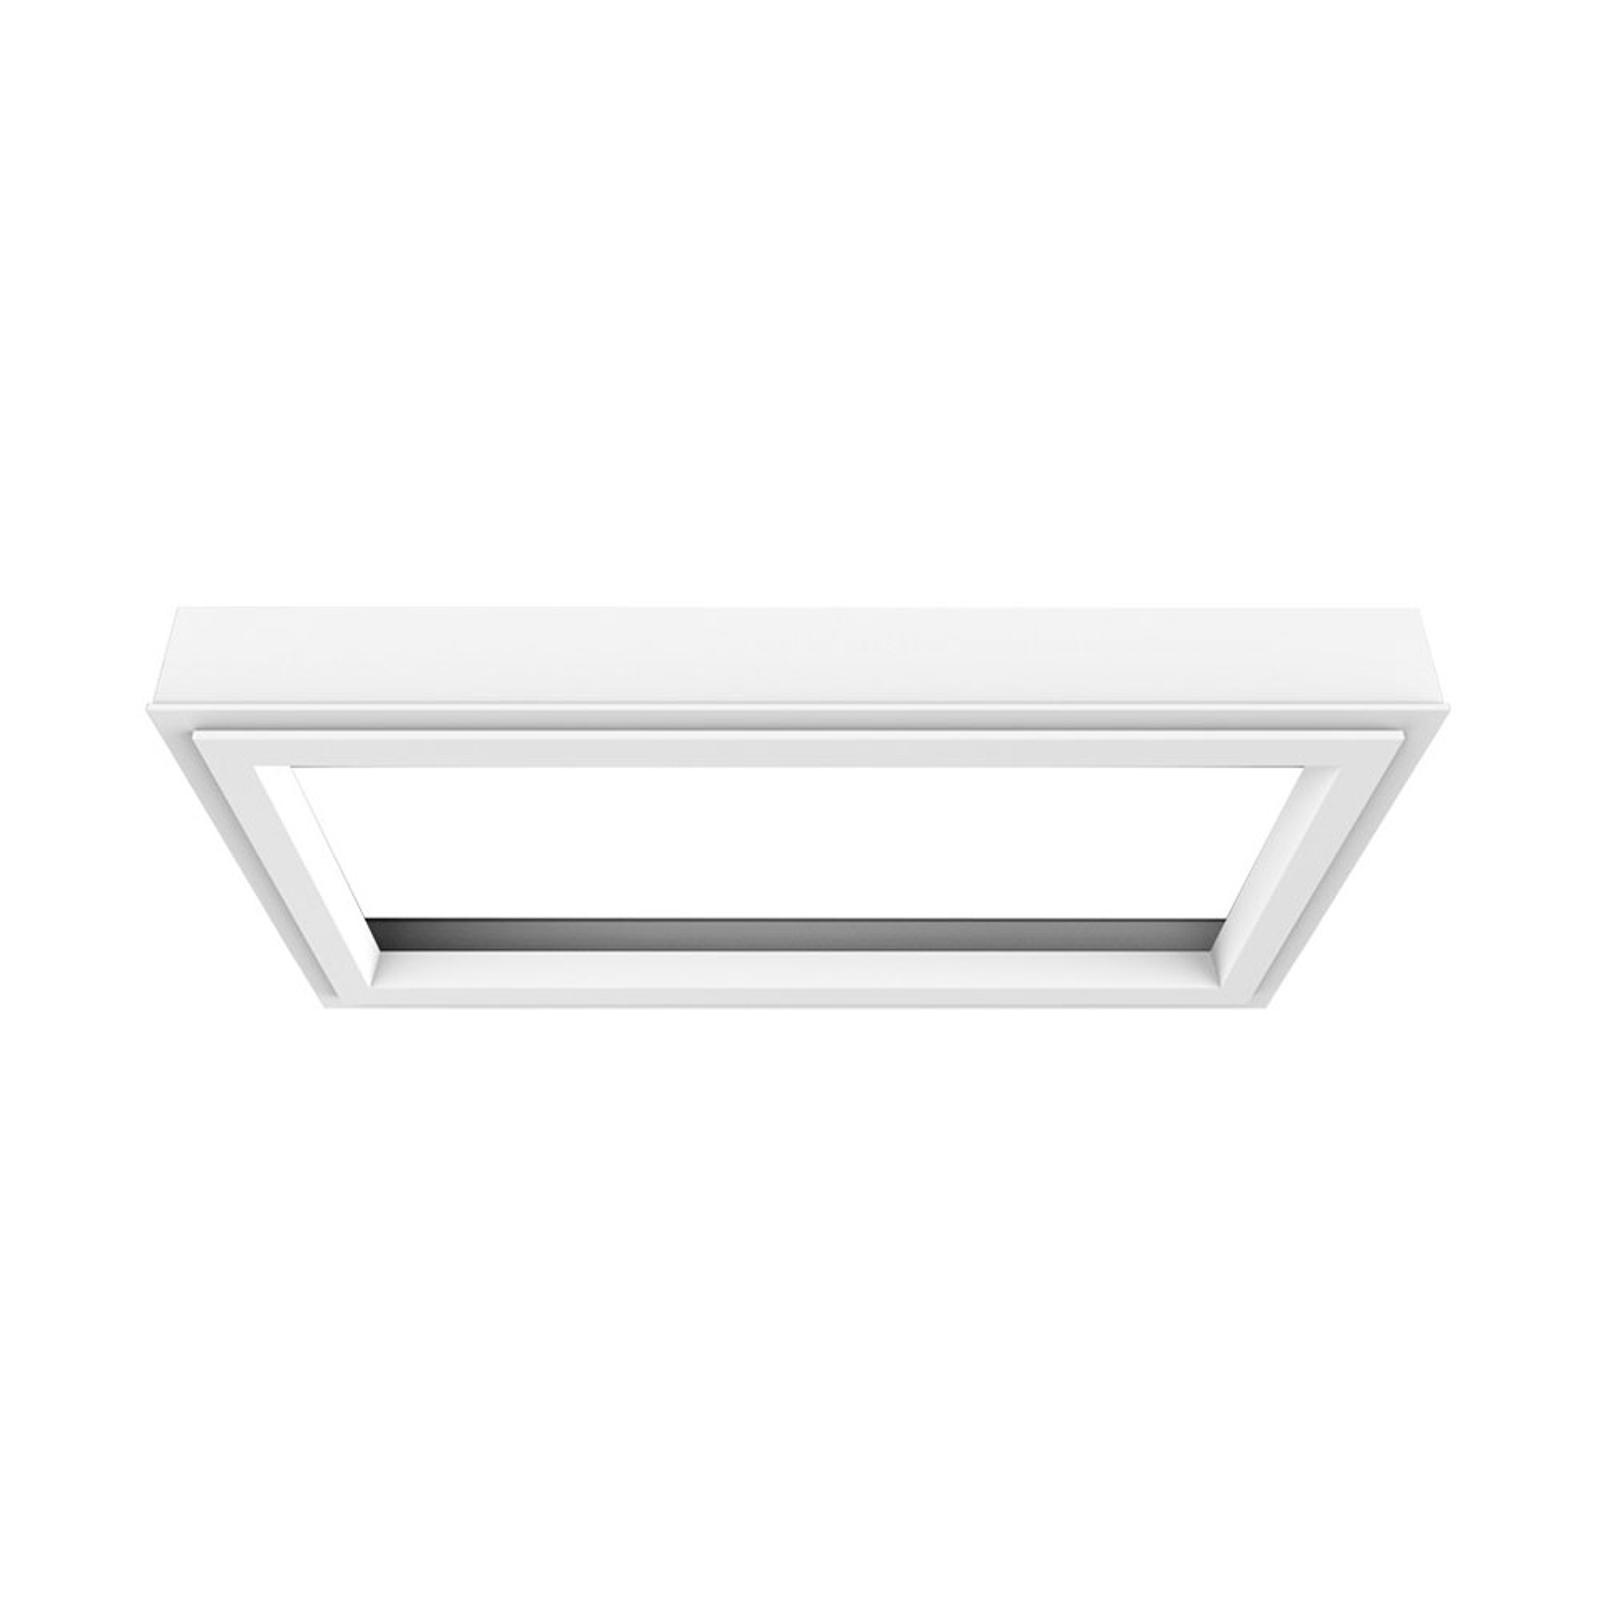 Utenpåliggende ramme LED-panel Sky Window 120x60cm